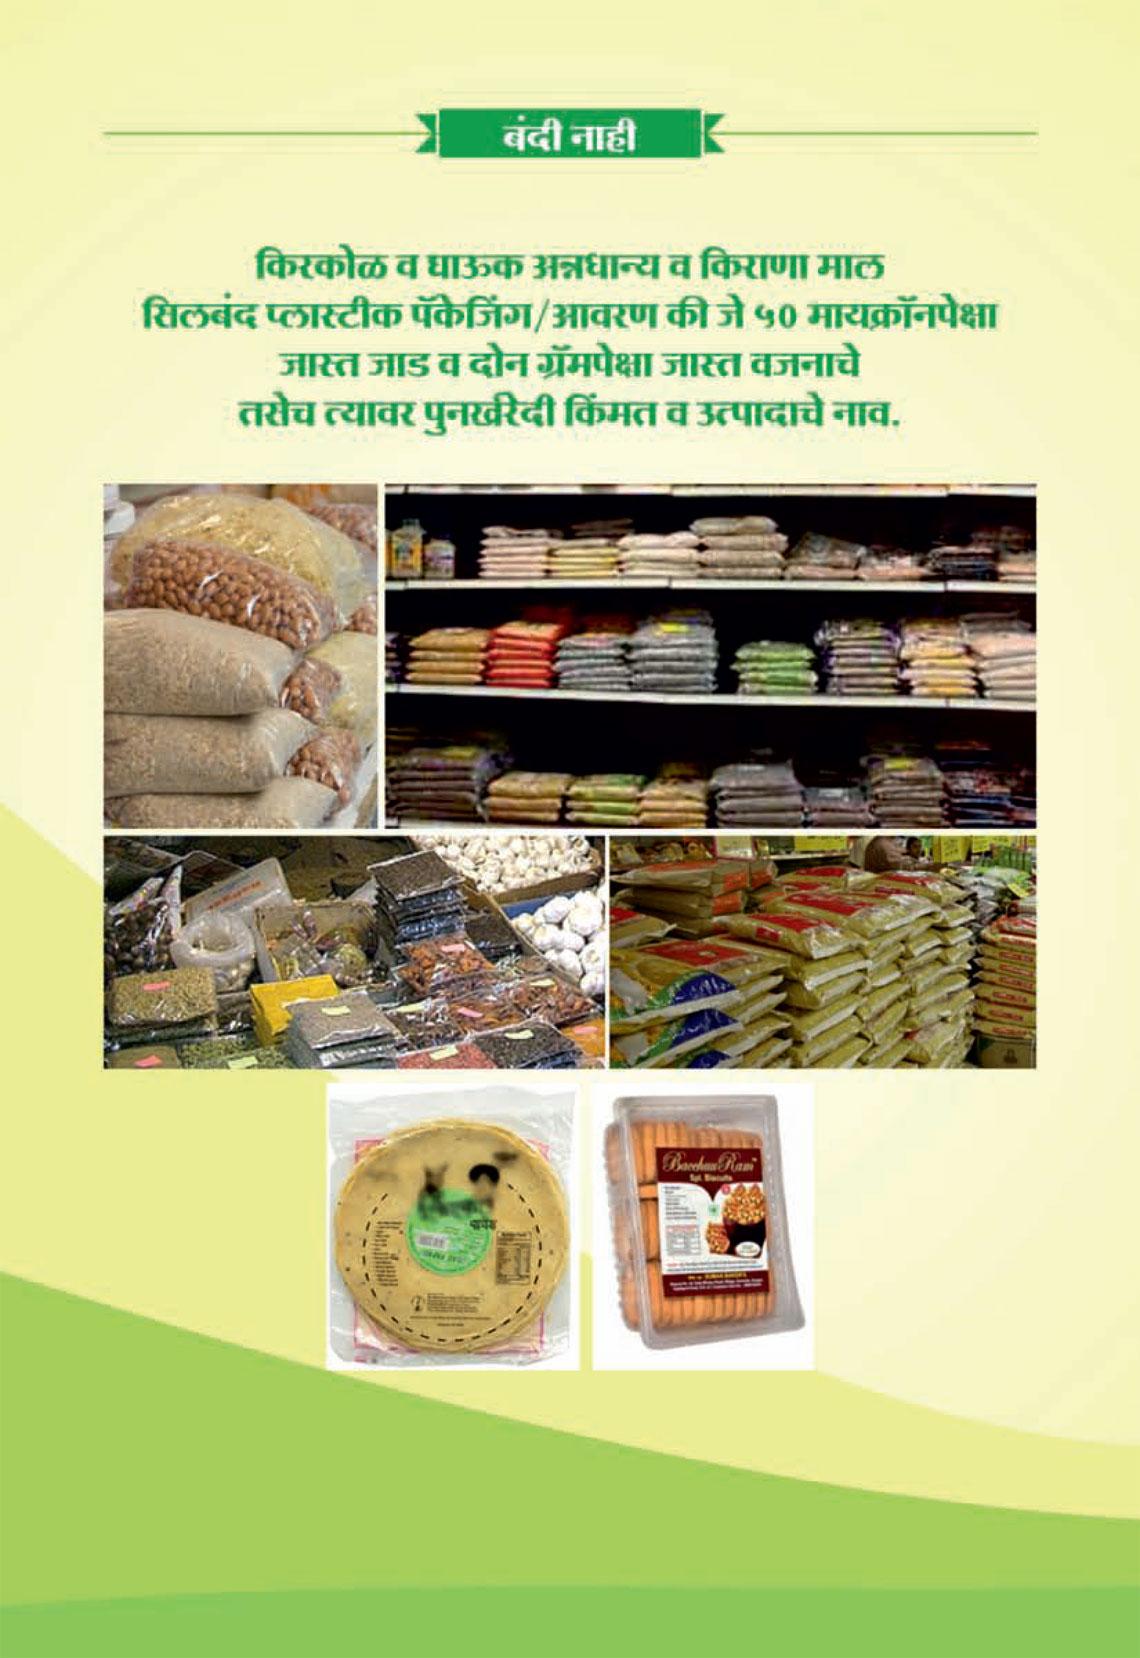 plastic-ban--brochure-6